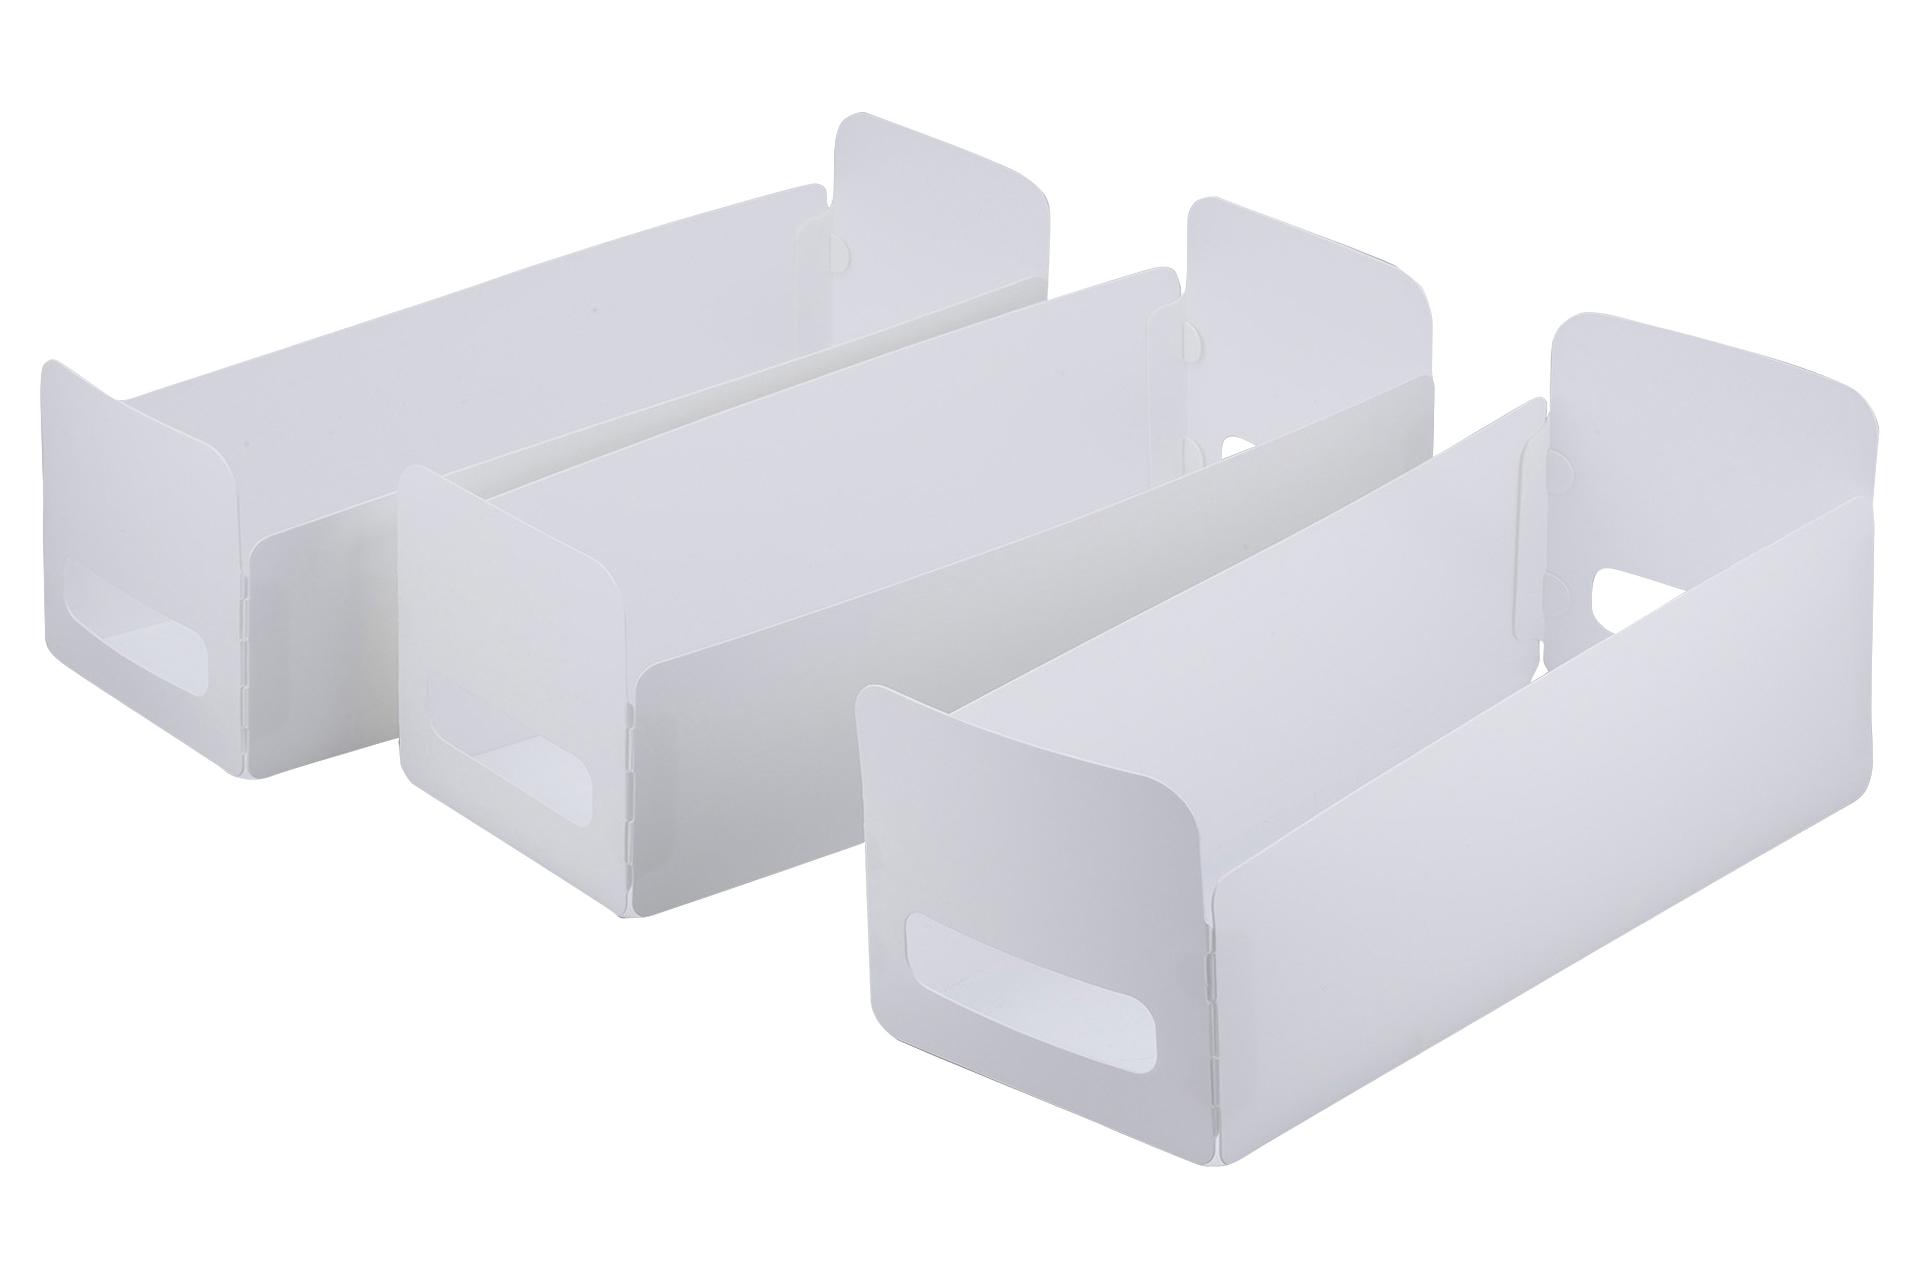 組立て簡単収納BOX ロング 3個組